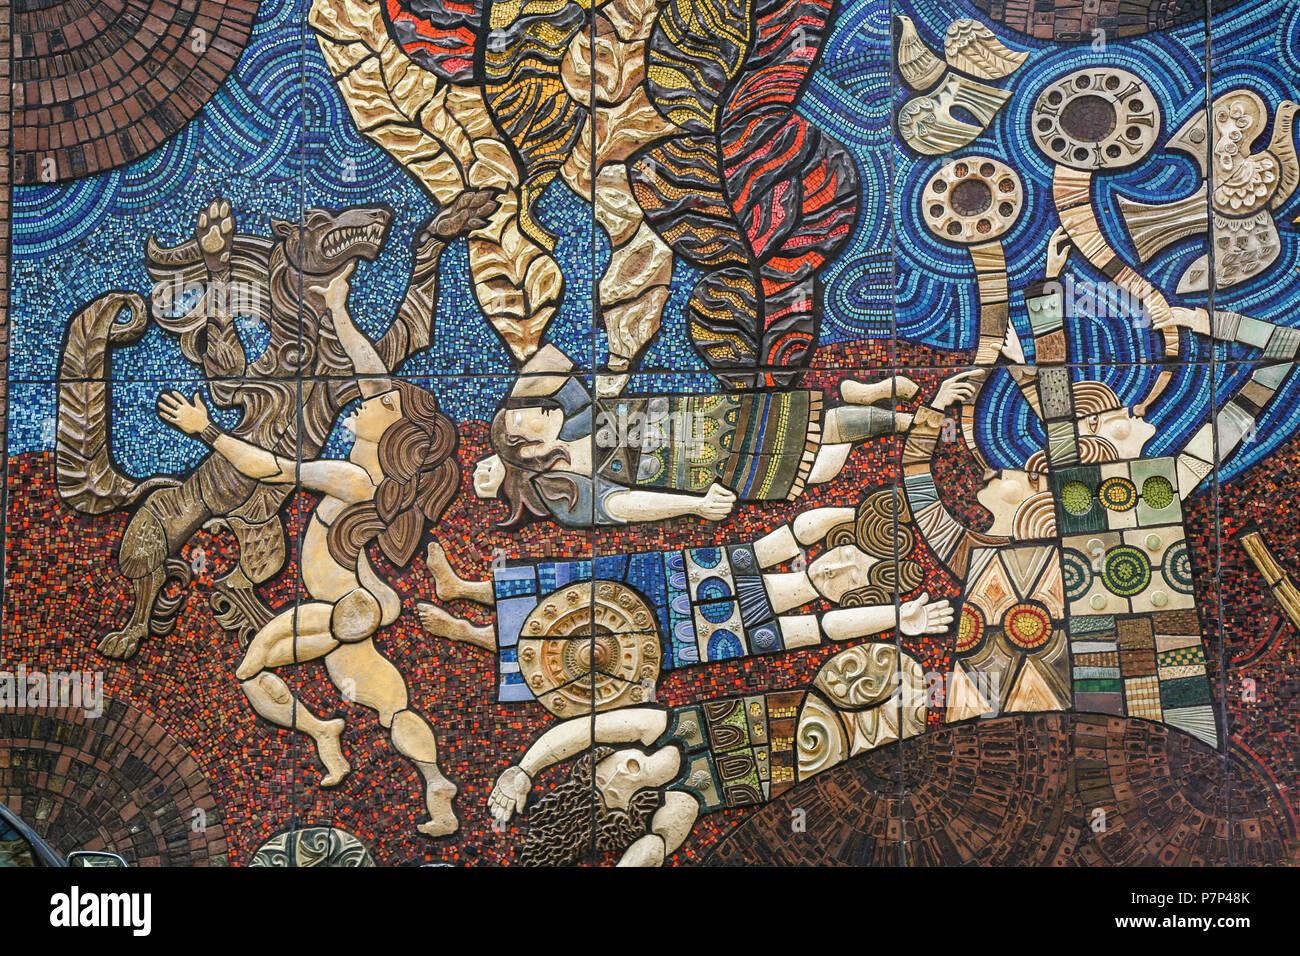 Detail of the The Táin or Táin Bó Cuailgne ( Love Story ) mosaic or mural on the Setanta Wall off Nassau Street, Dublin, Ireland, Europe. Stock Photo